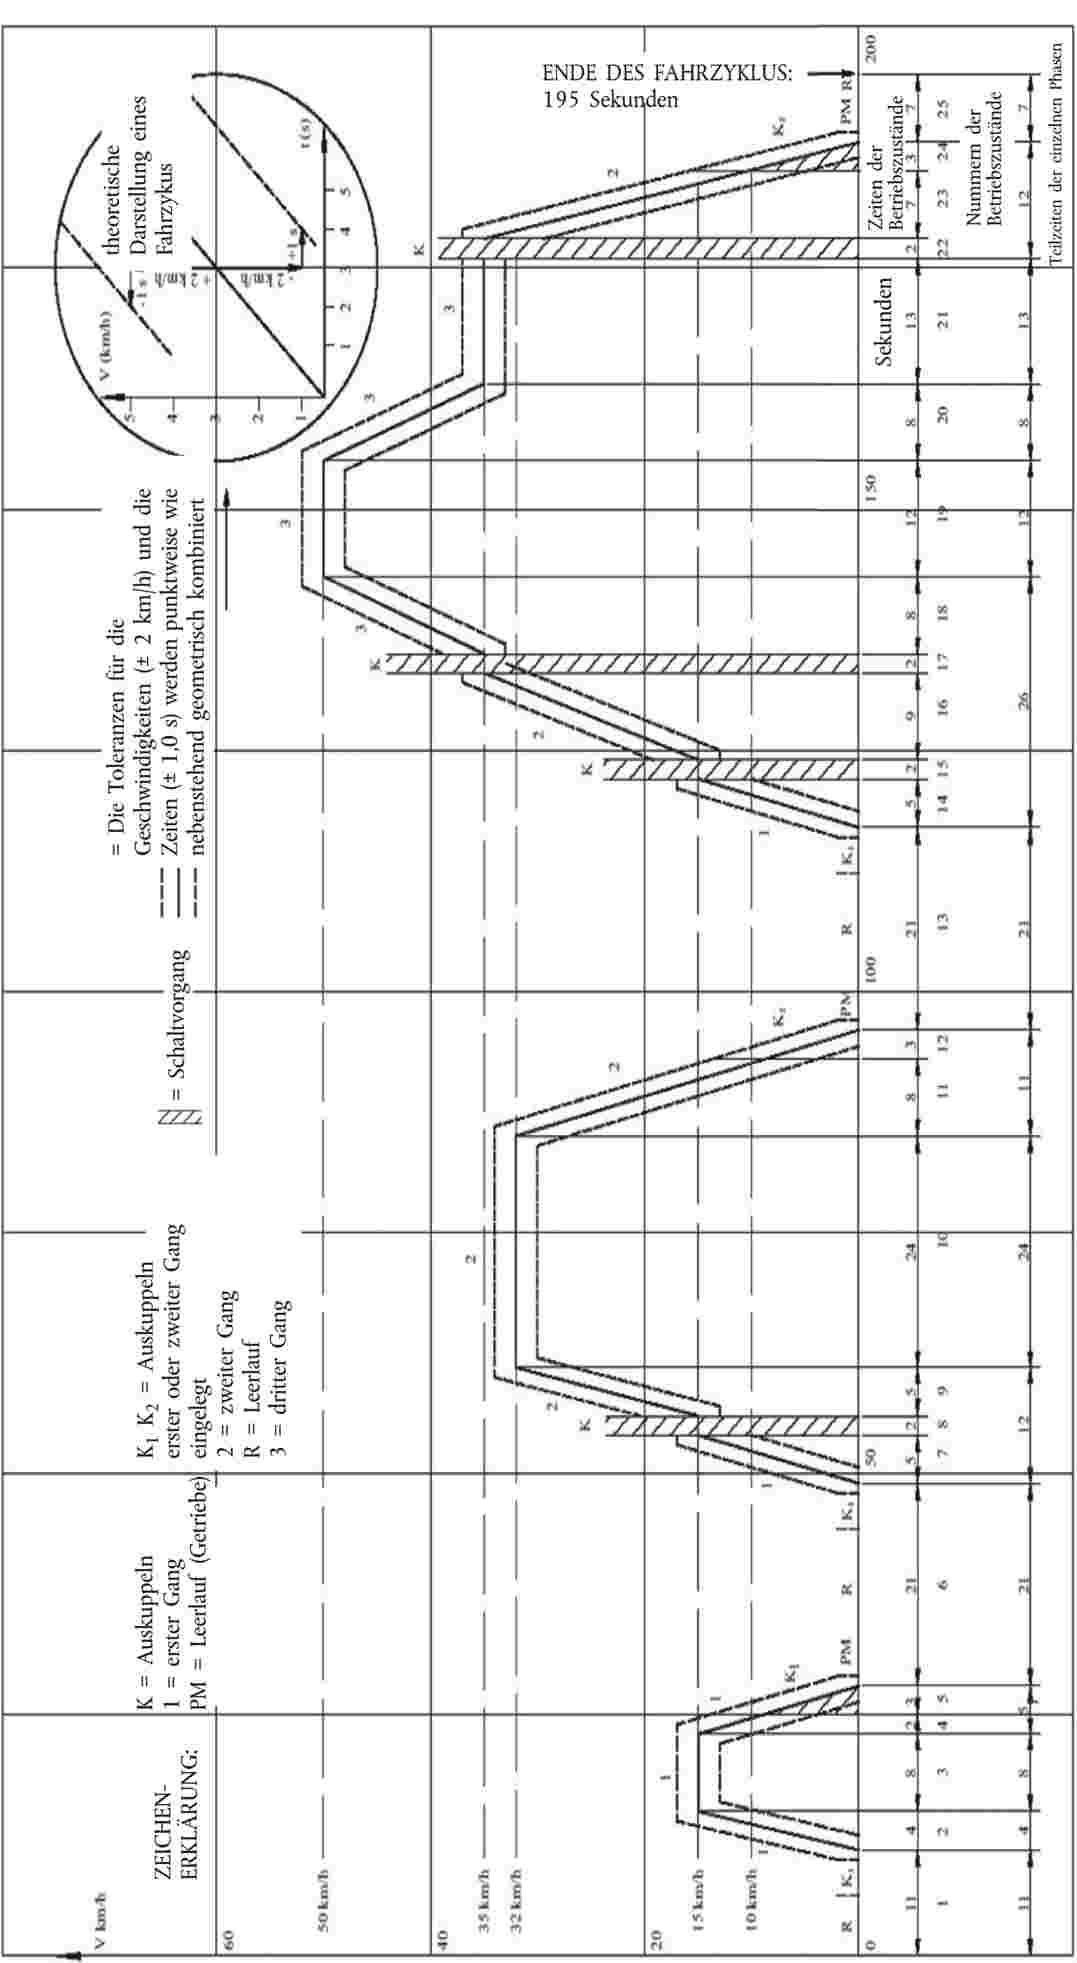 EUR-Lex - 42012X0215(01) - EN - EUR-Lex